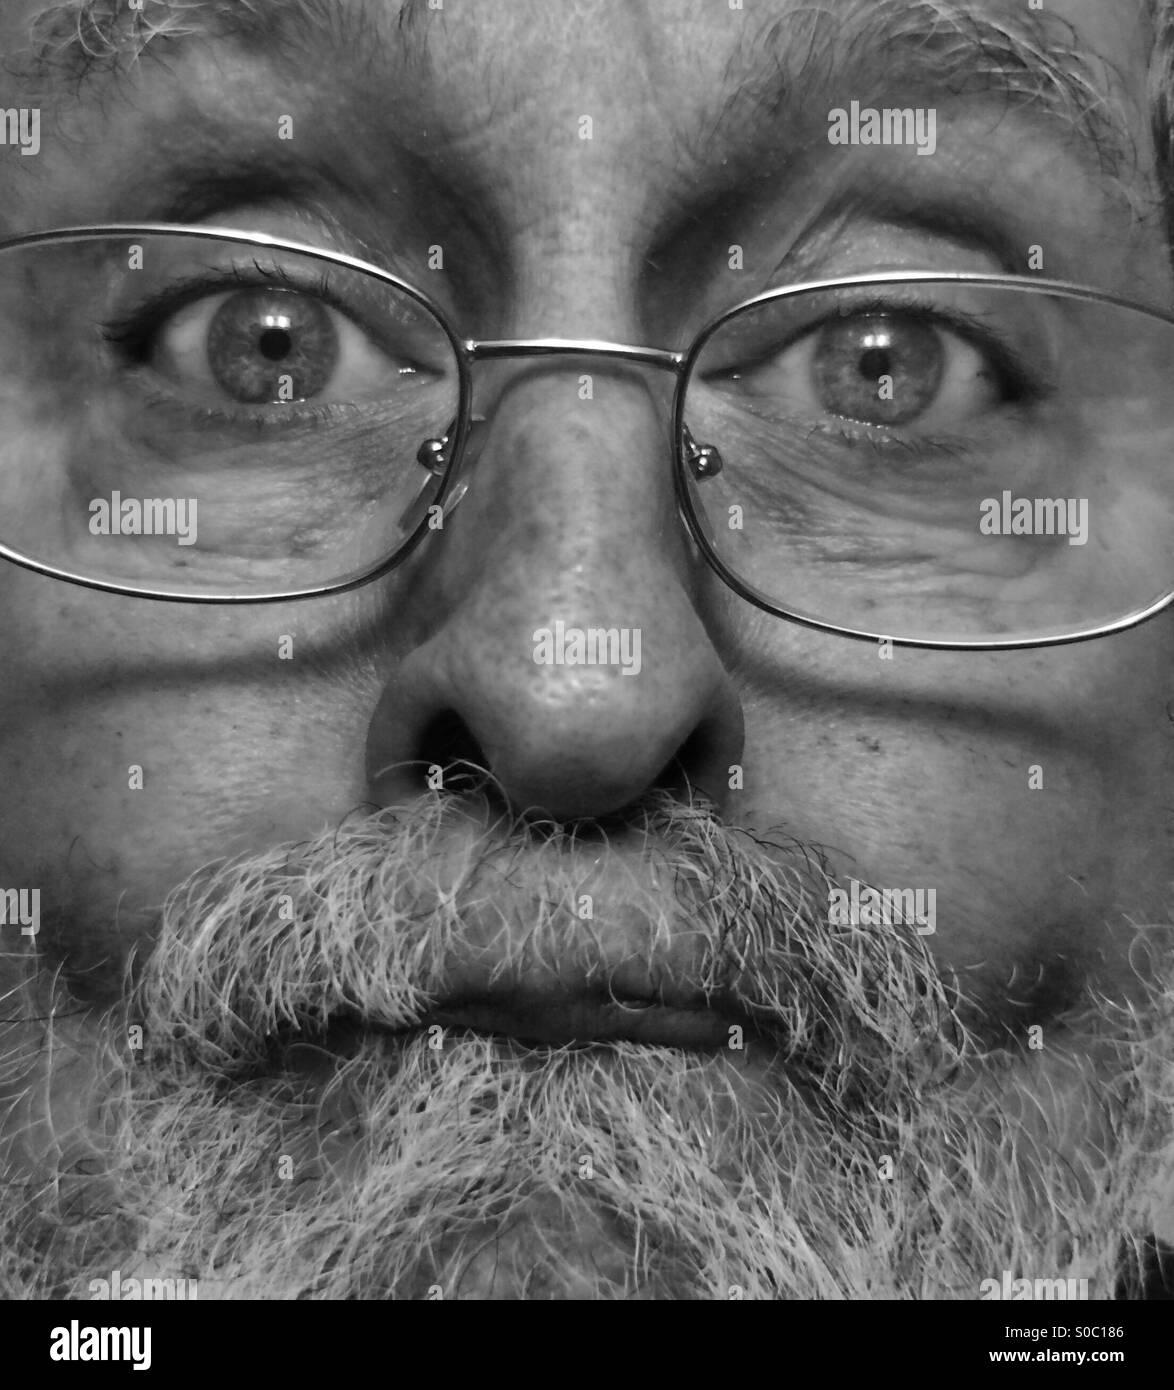 Maschio bianco, 64 anni, close-up del barbuto, invecchiamento della faccia, Modello rilasciato, in bianco e nero Immagini Stock